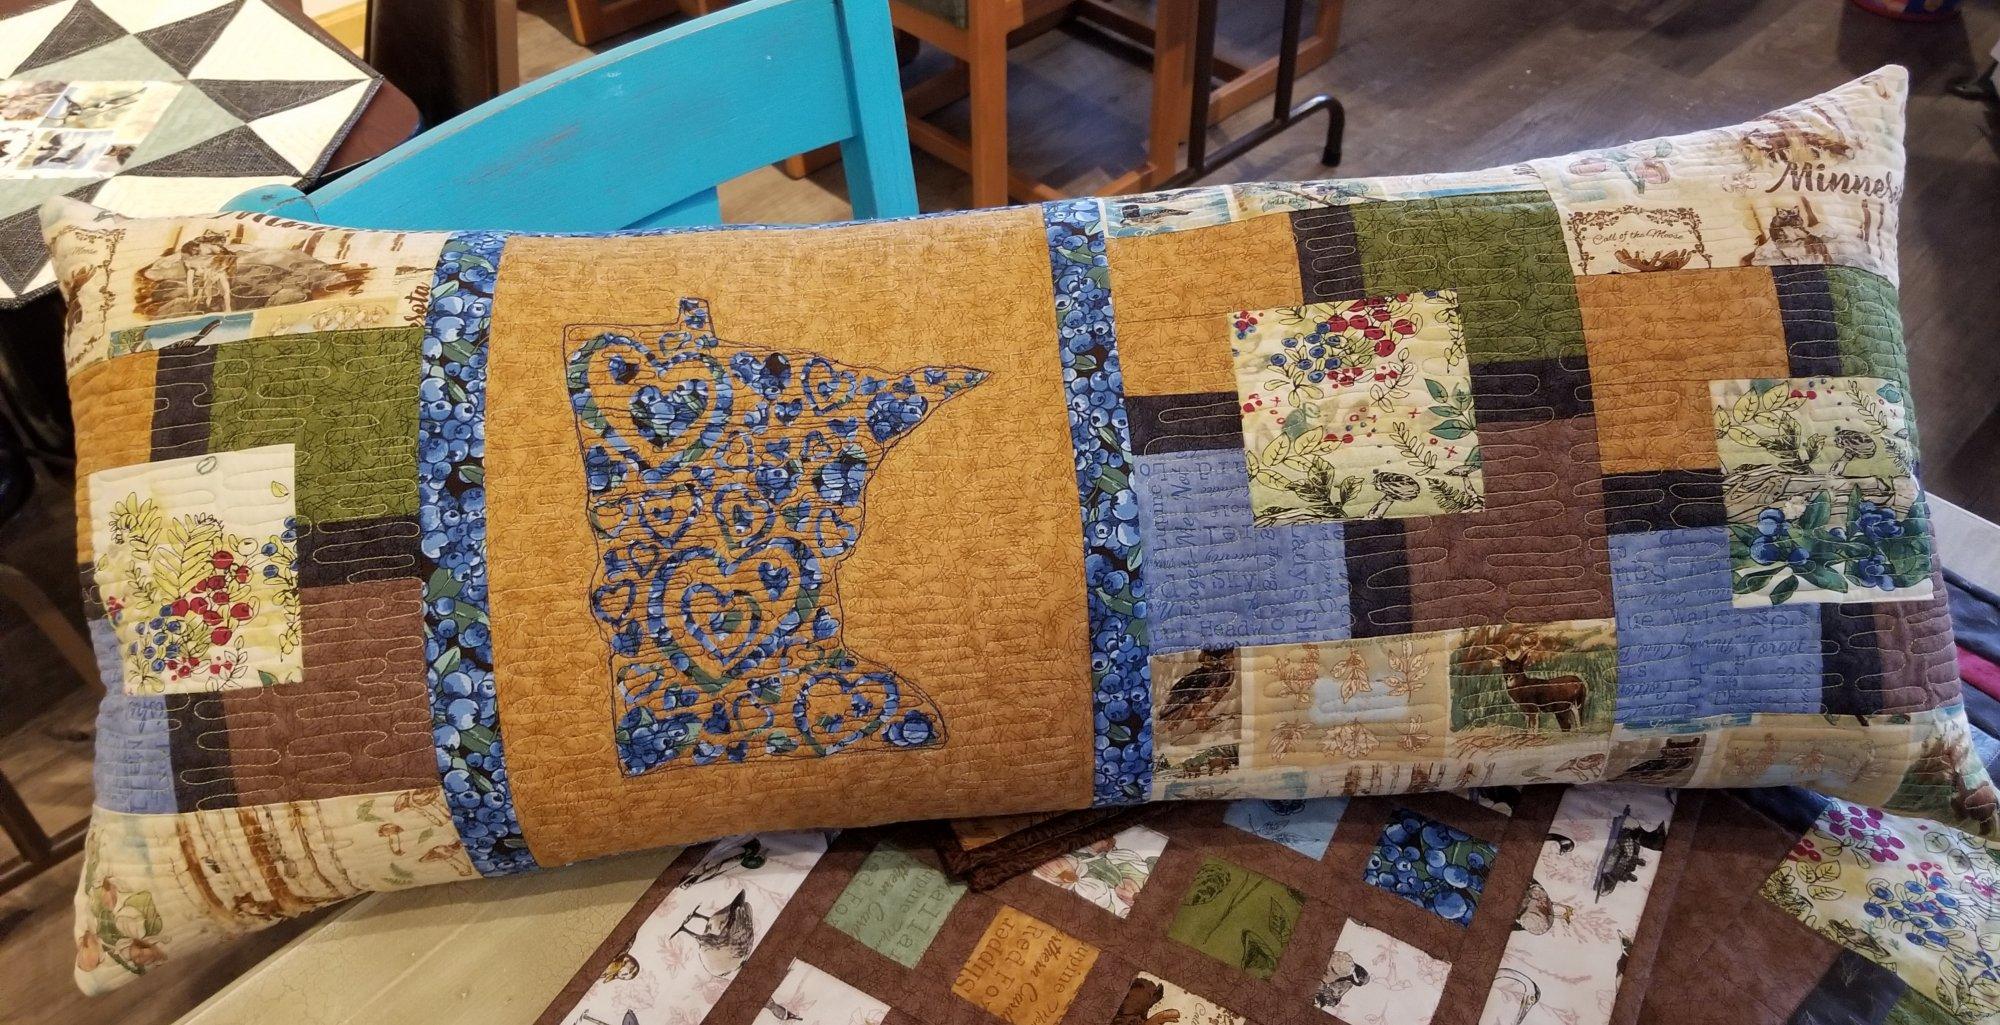 QMN 19 Bench pillow